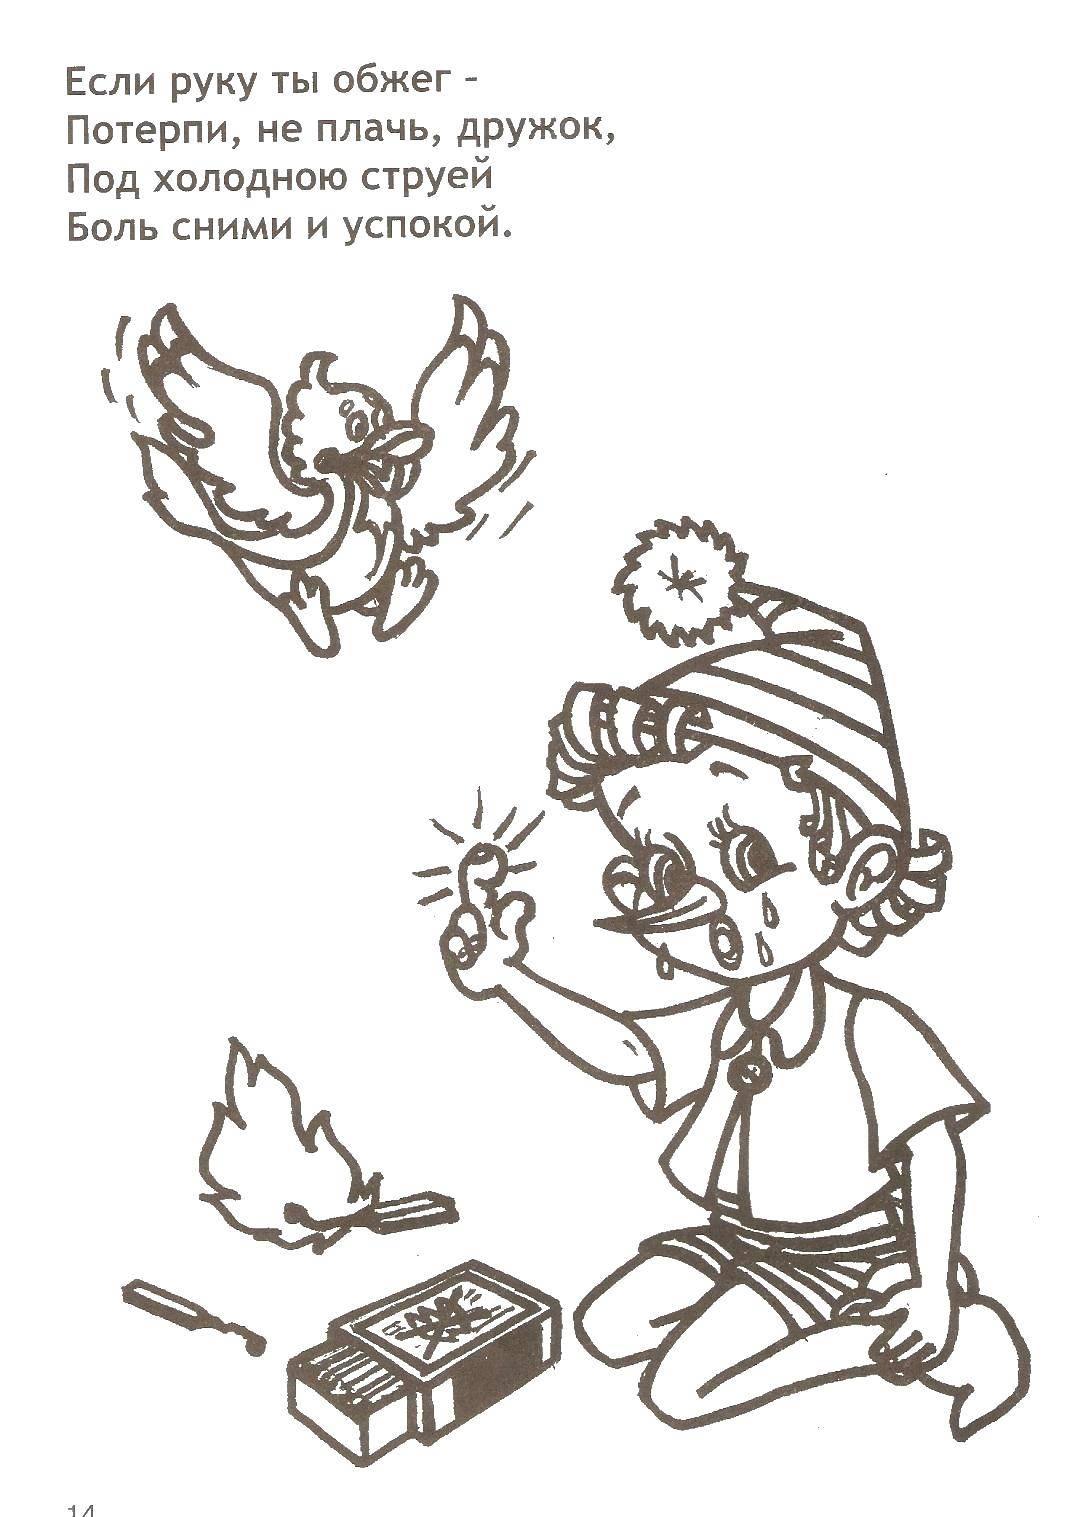 Раскраски Раскраска Огнетушитель пожар, Раскраски